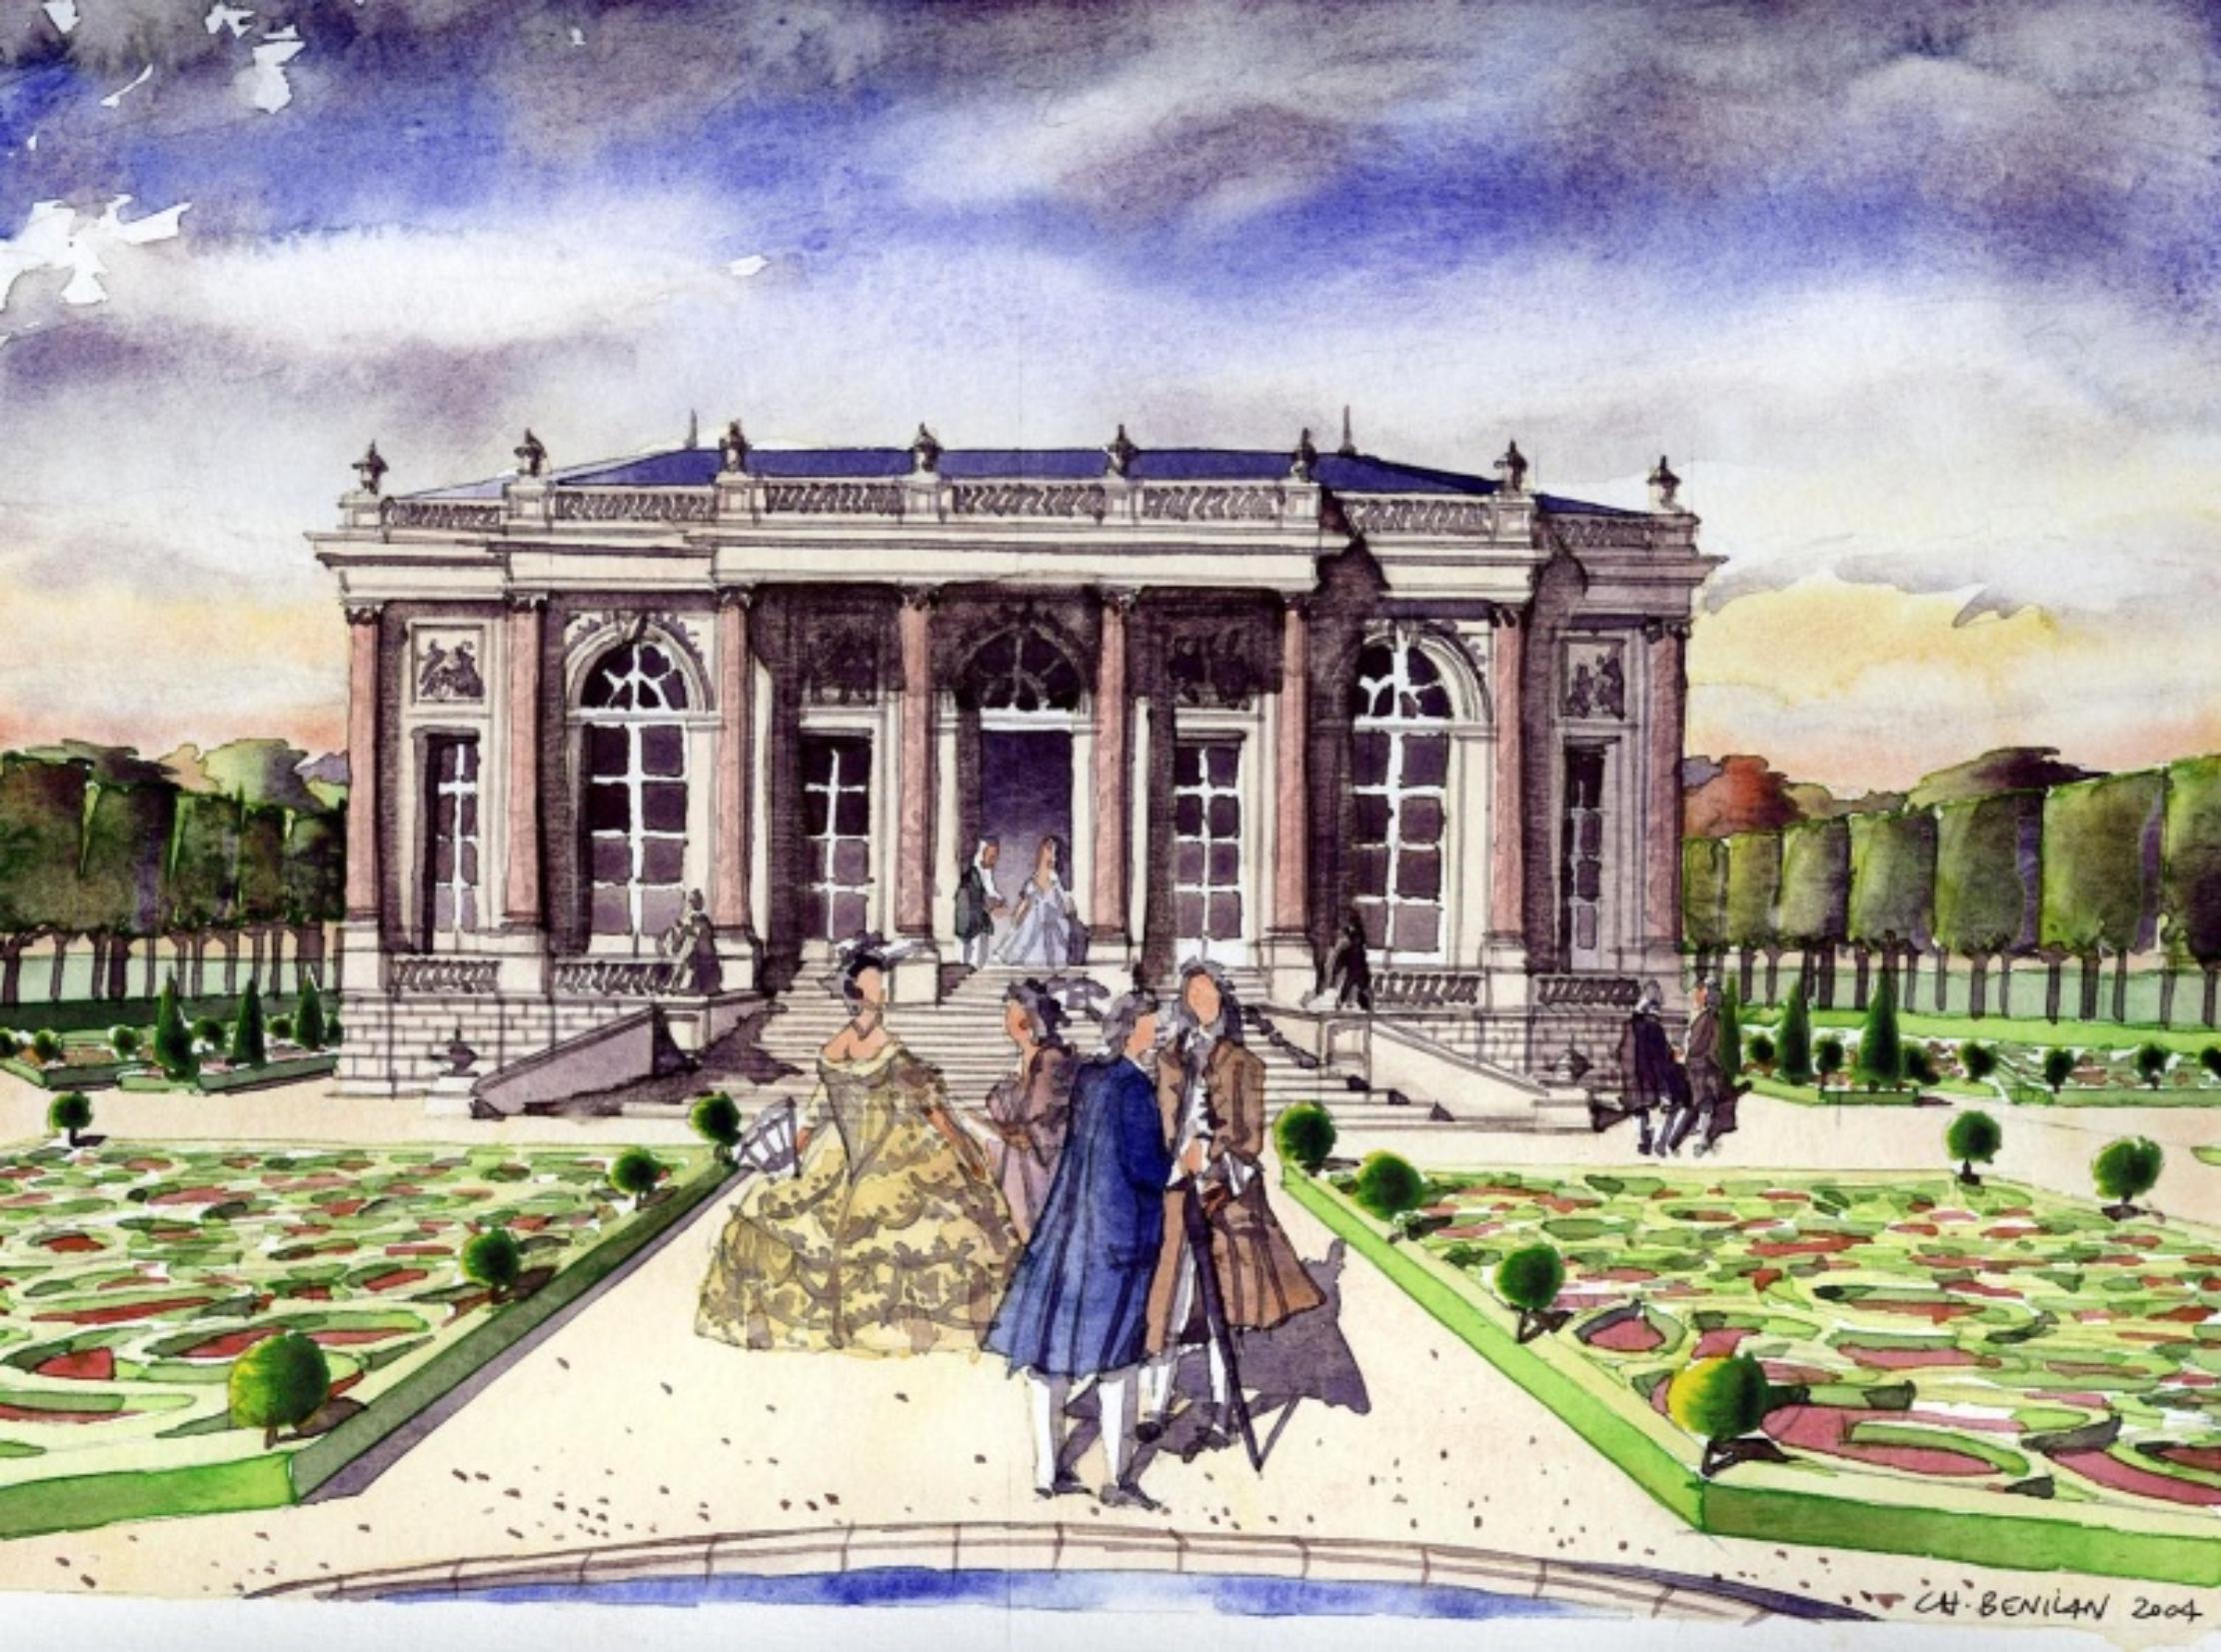 Les folies au xviiie atlas historique de paris for Jardin xviiie siecle